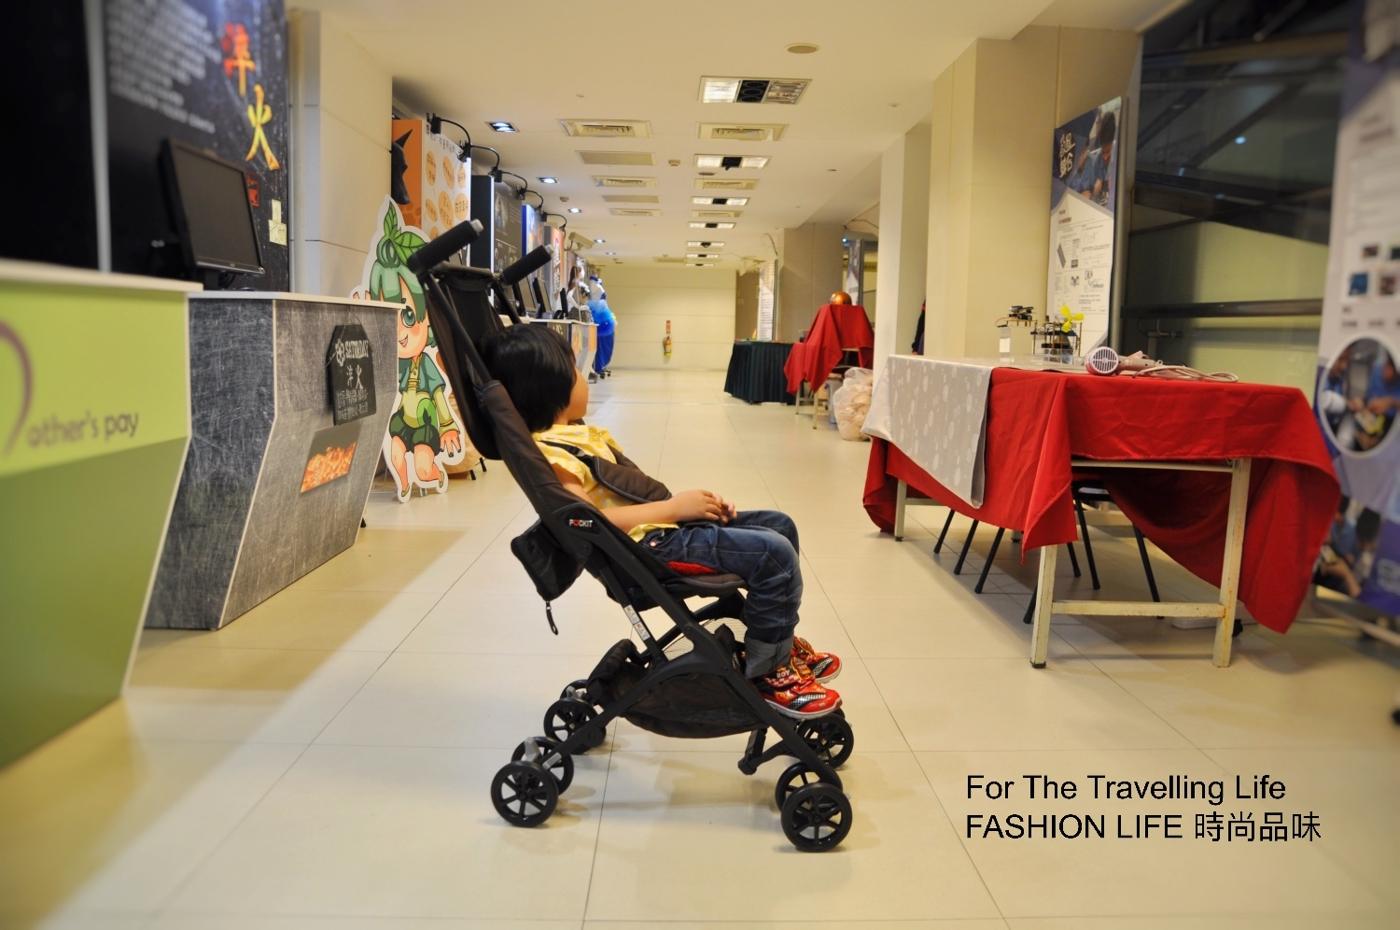 時尚品味嬰兒車出租7天日本口袋型推車三代POCKIT新生兒時尚推車出租